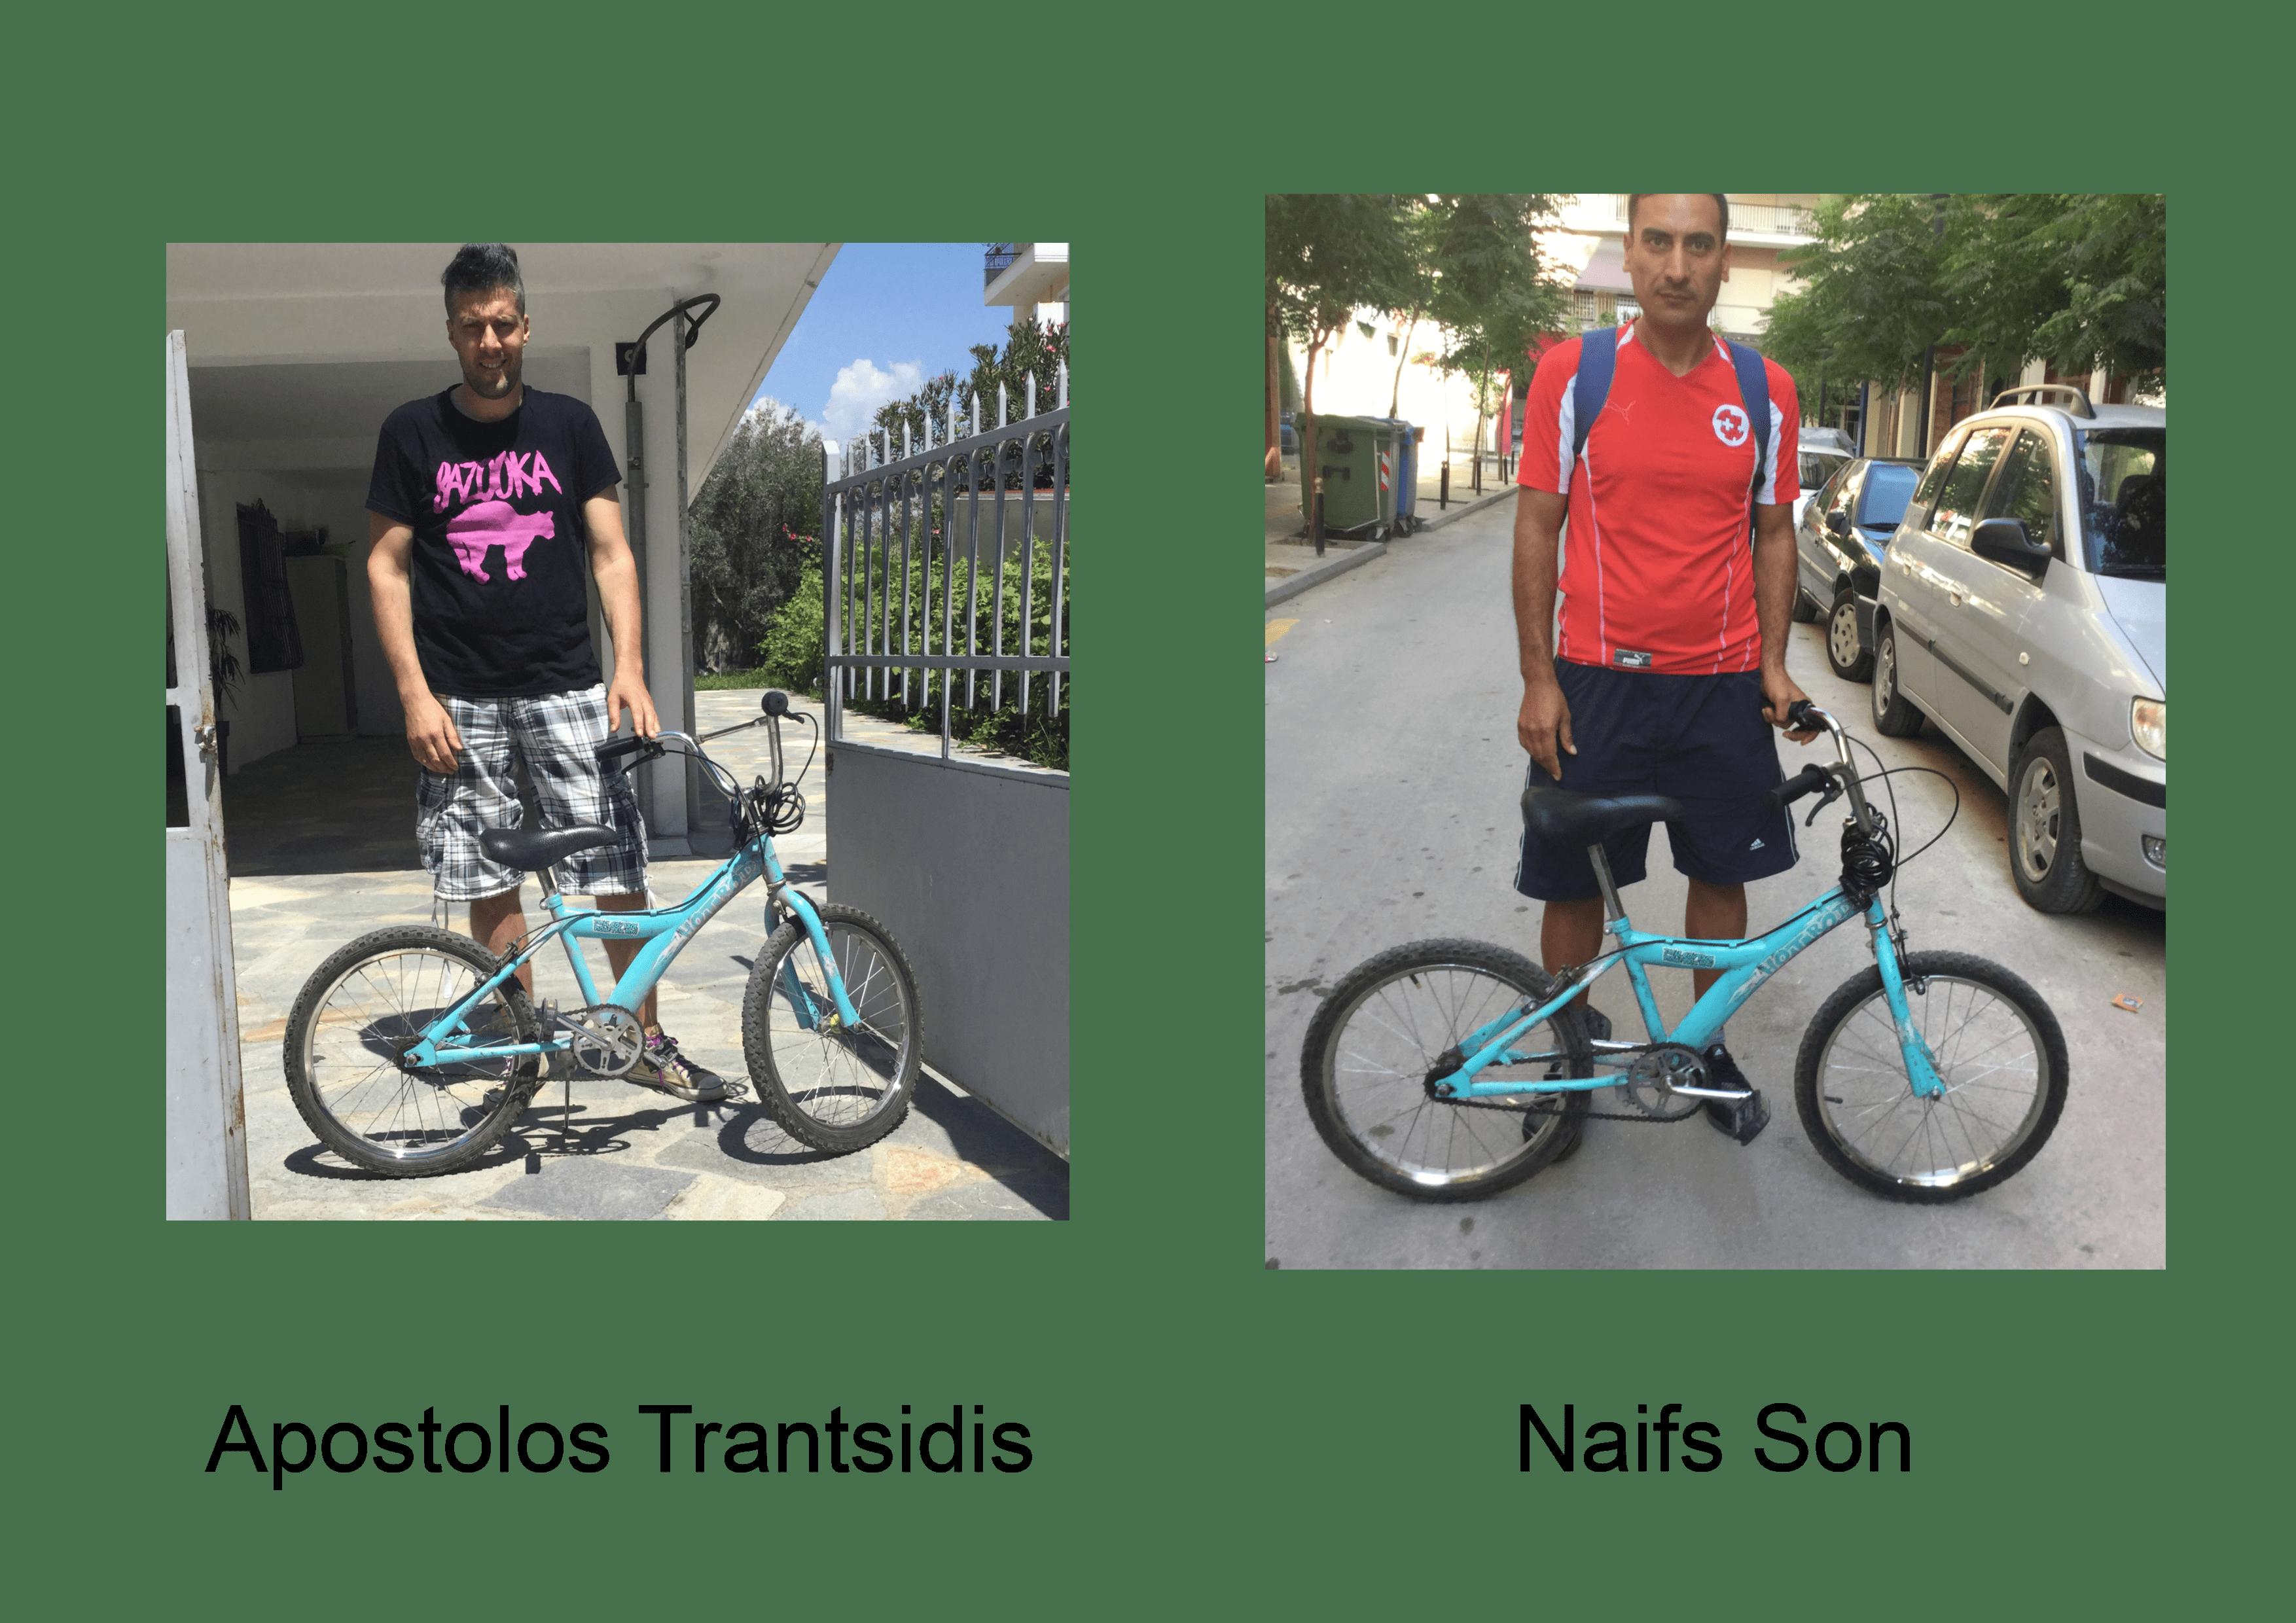 ΟΧΙ Apostolos Trantsidis - Naifs son-min